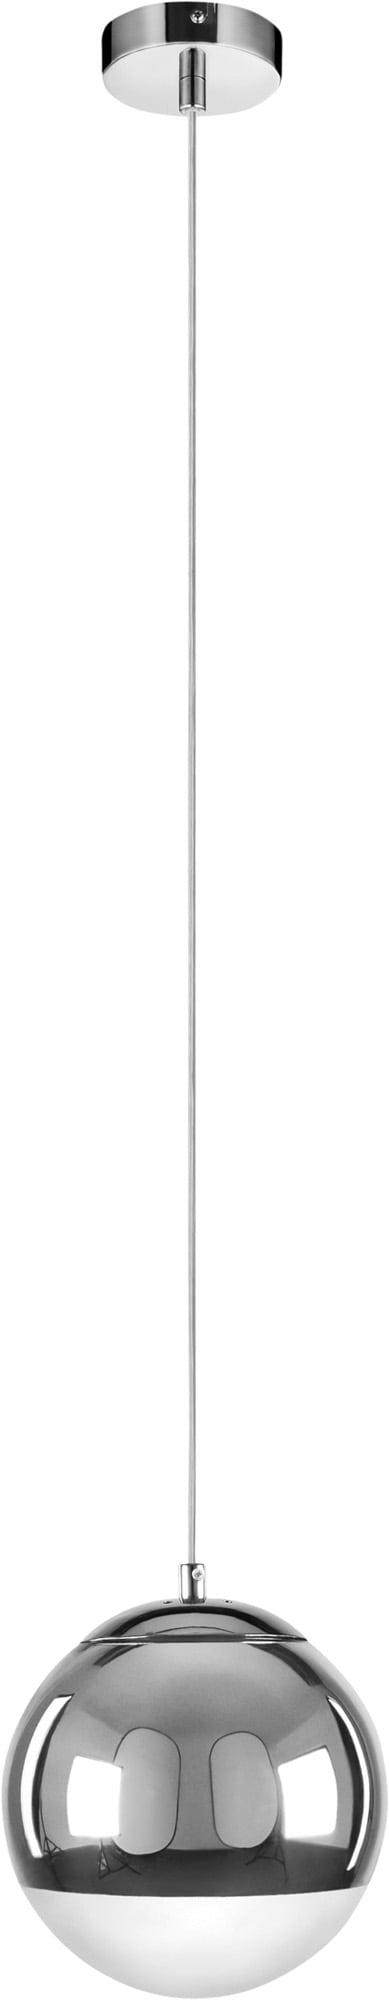 Jediná závěsná lampa Gino chrom E27 60W